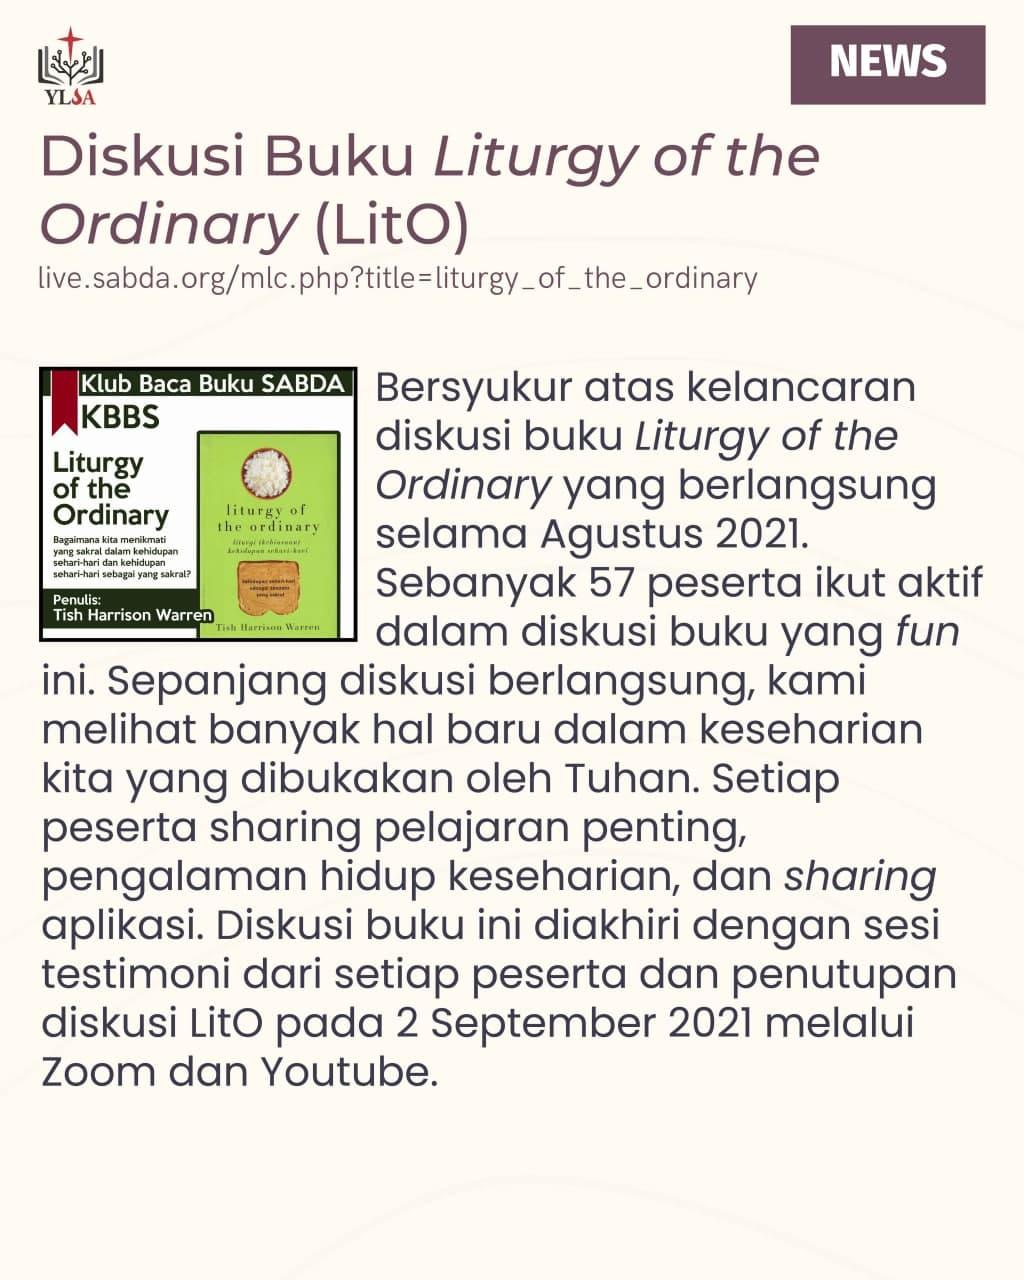 """Bersyukur atas kelancaran diskusi buku """"Liturgy of the Ordinary"""" selama Agustus 2021. Sebanyak 57 peserta ikut aktif dalam diskusi buku yang fun ini."""